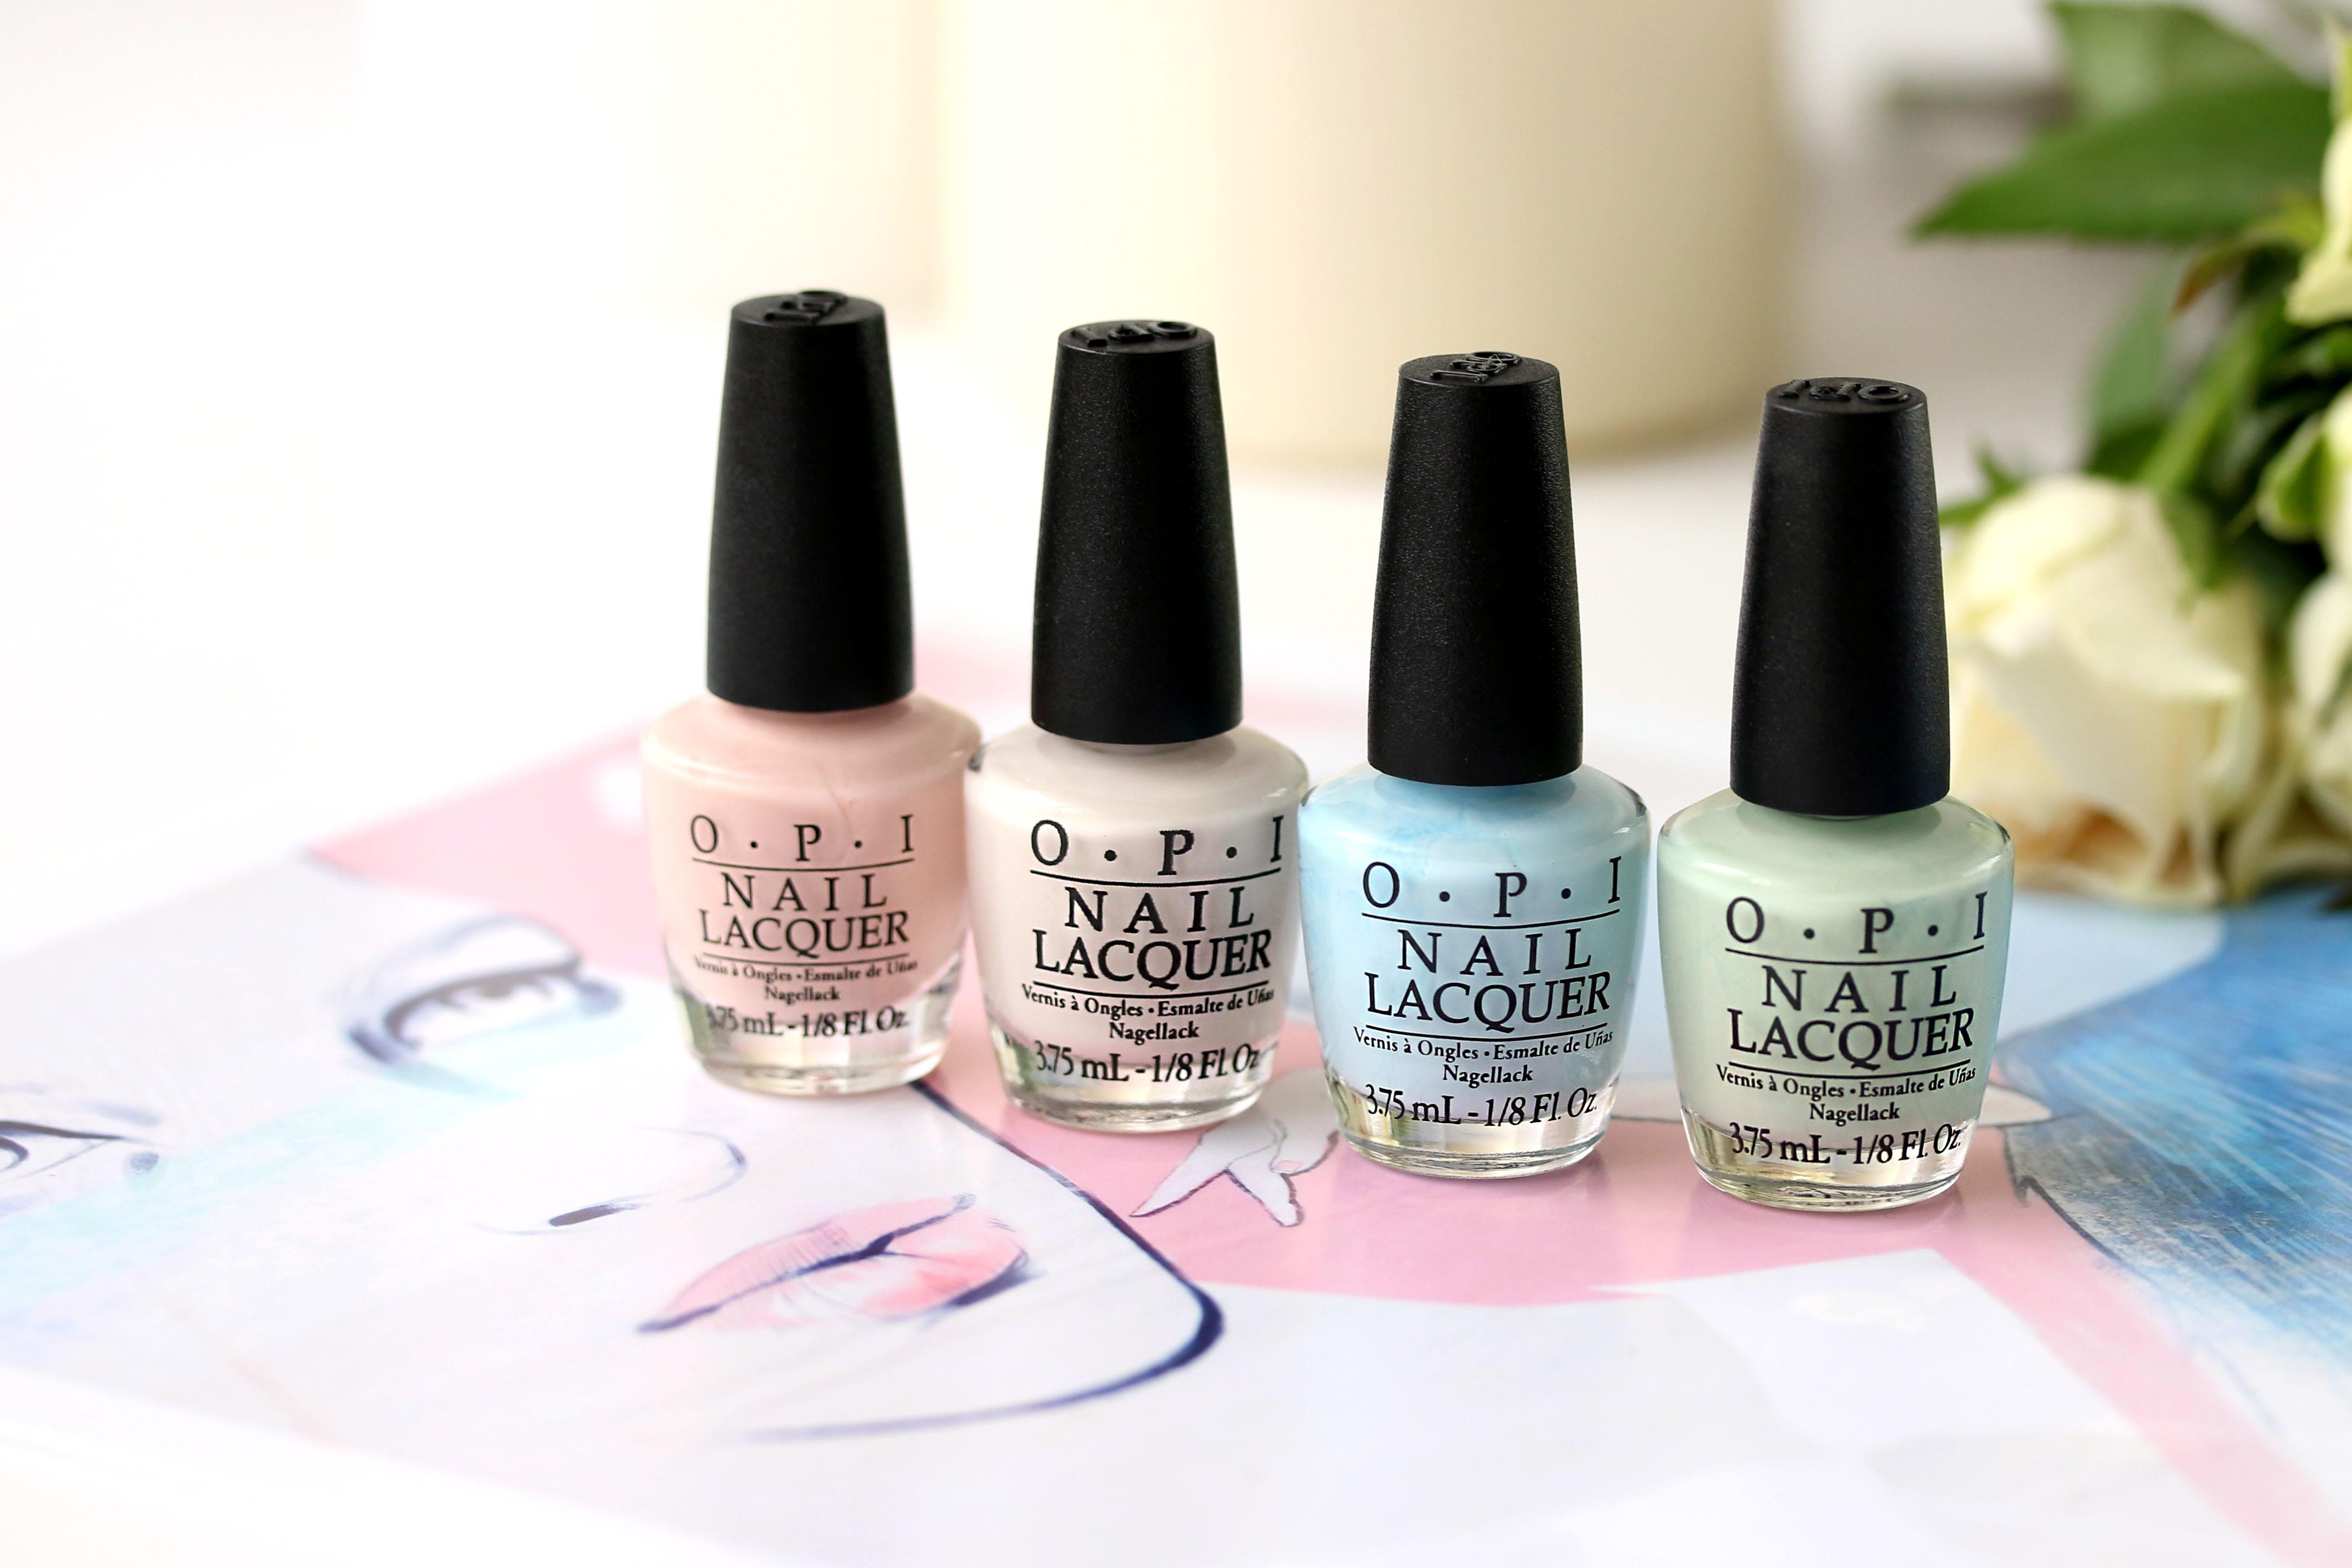 OPI Soft Shades Pastels 3